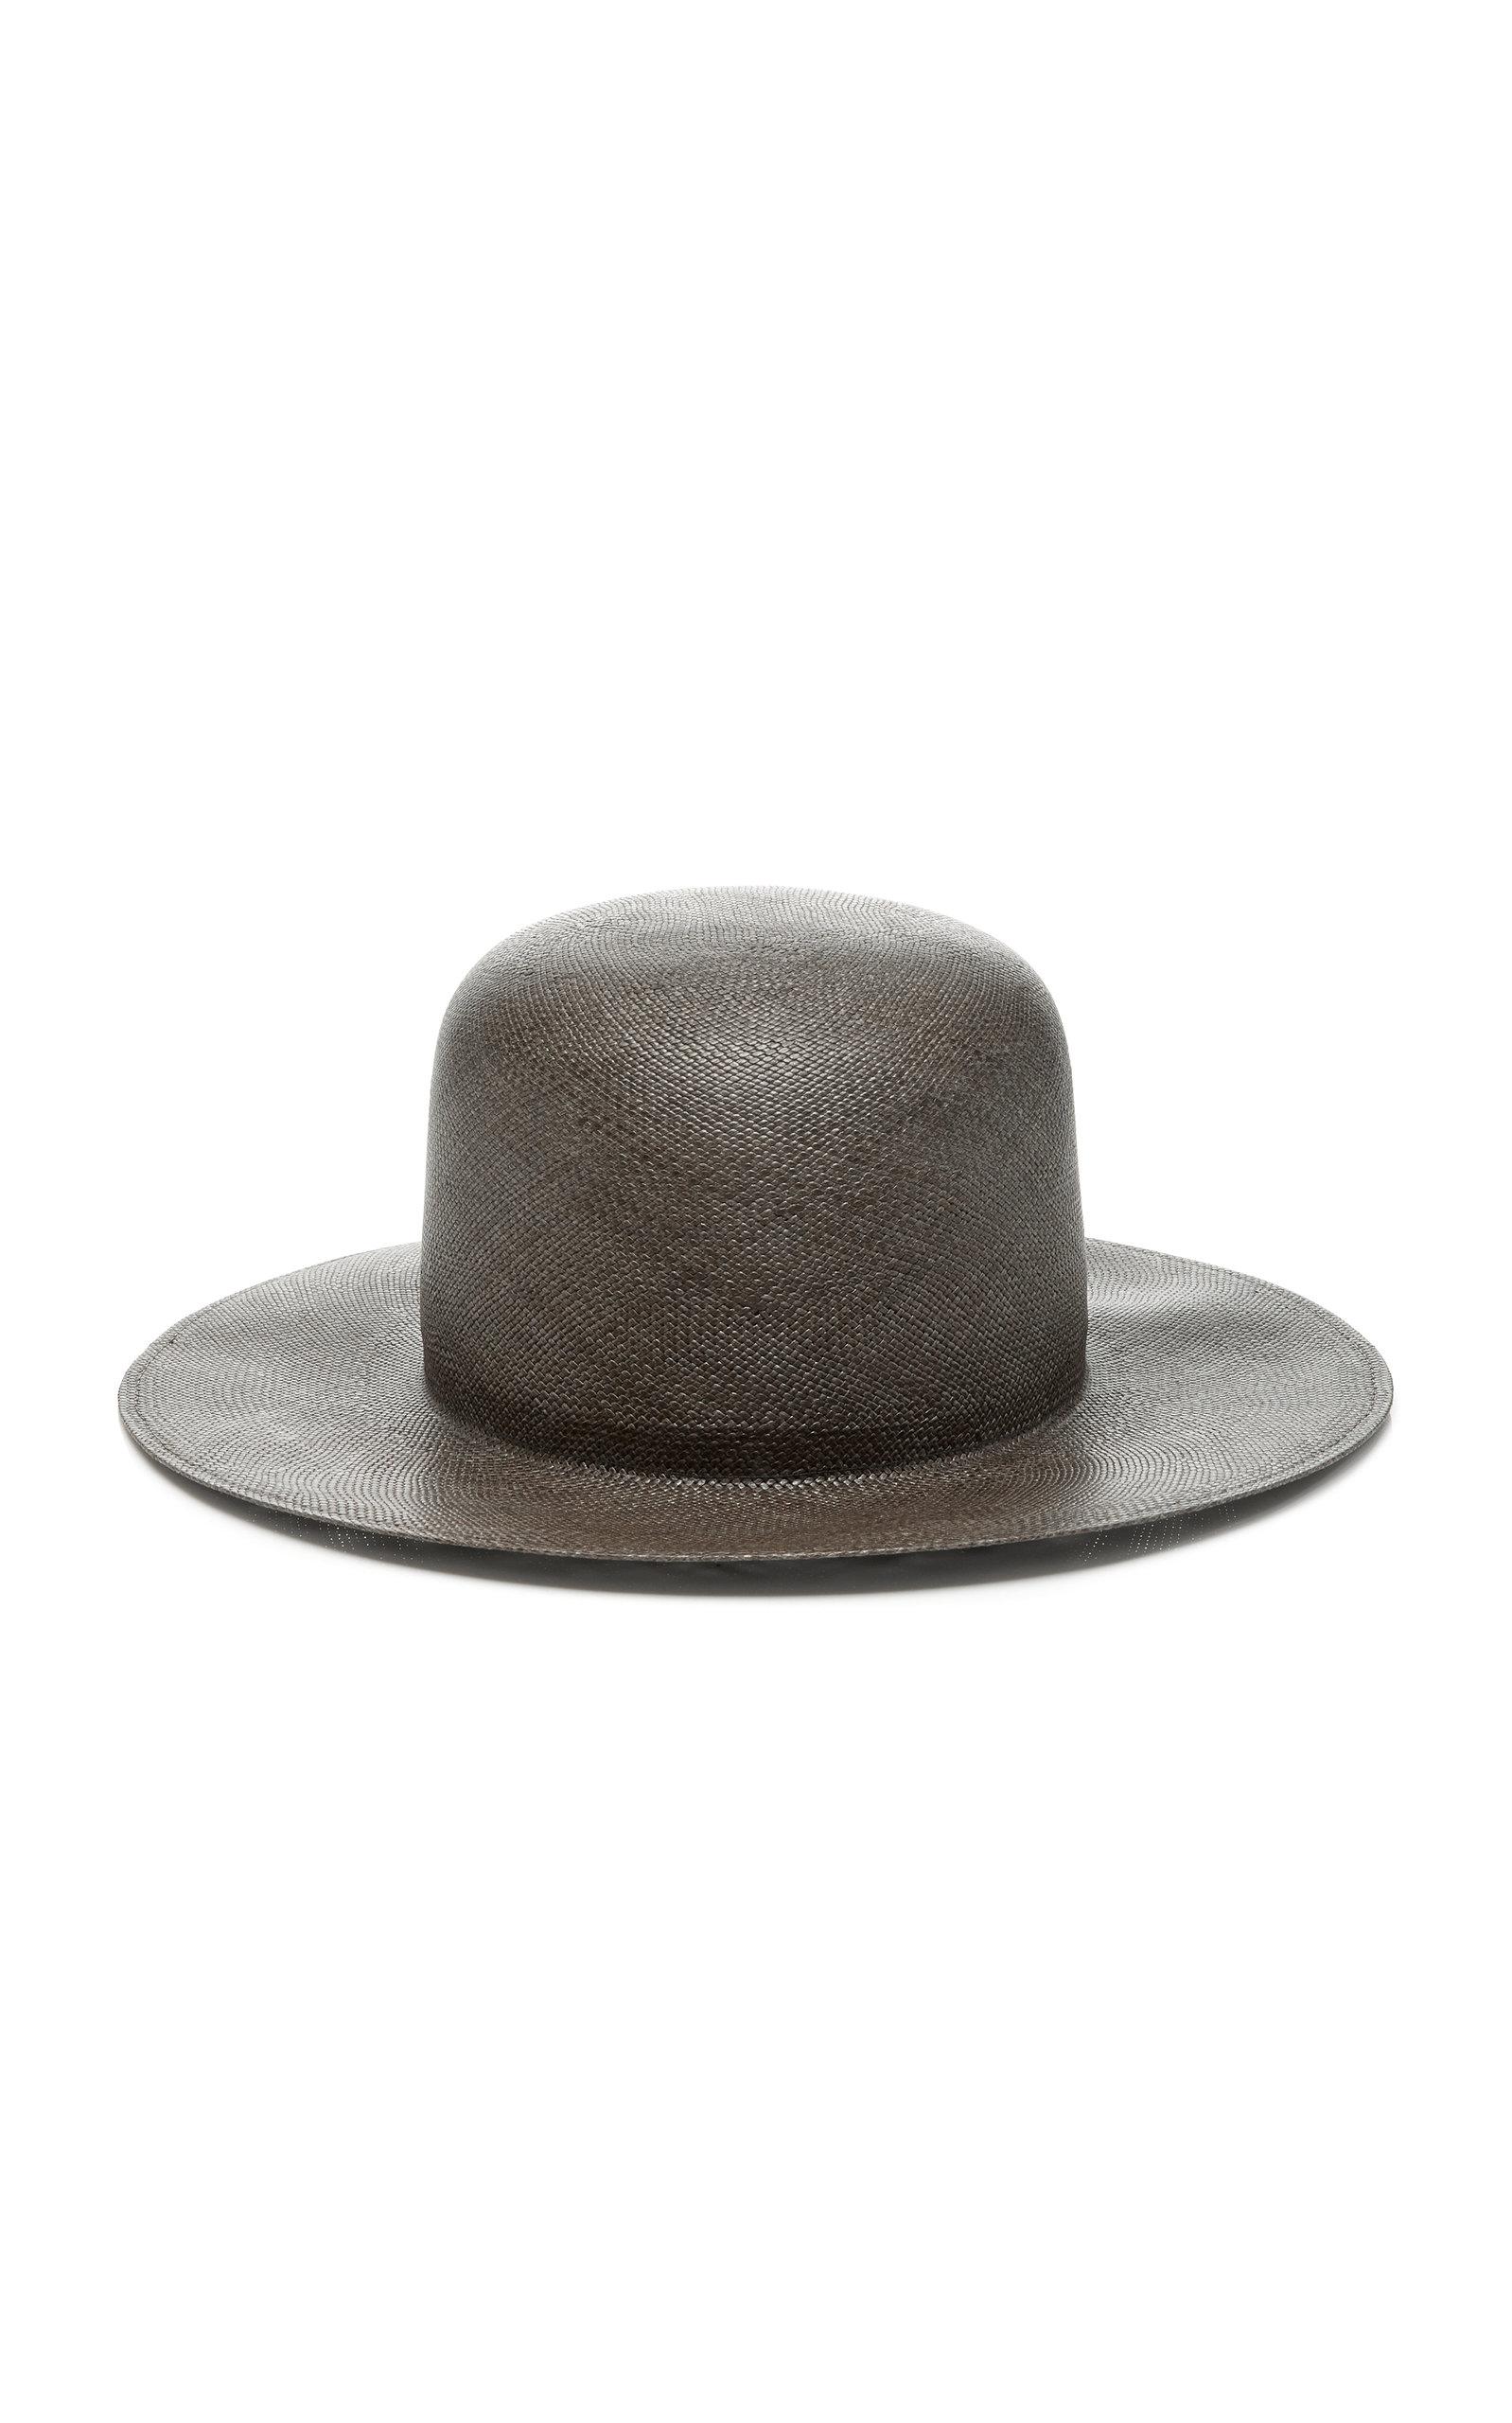 JANESSA LEONE ABBY STRAW HAT